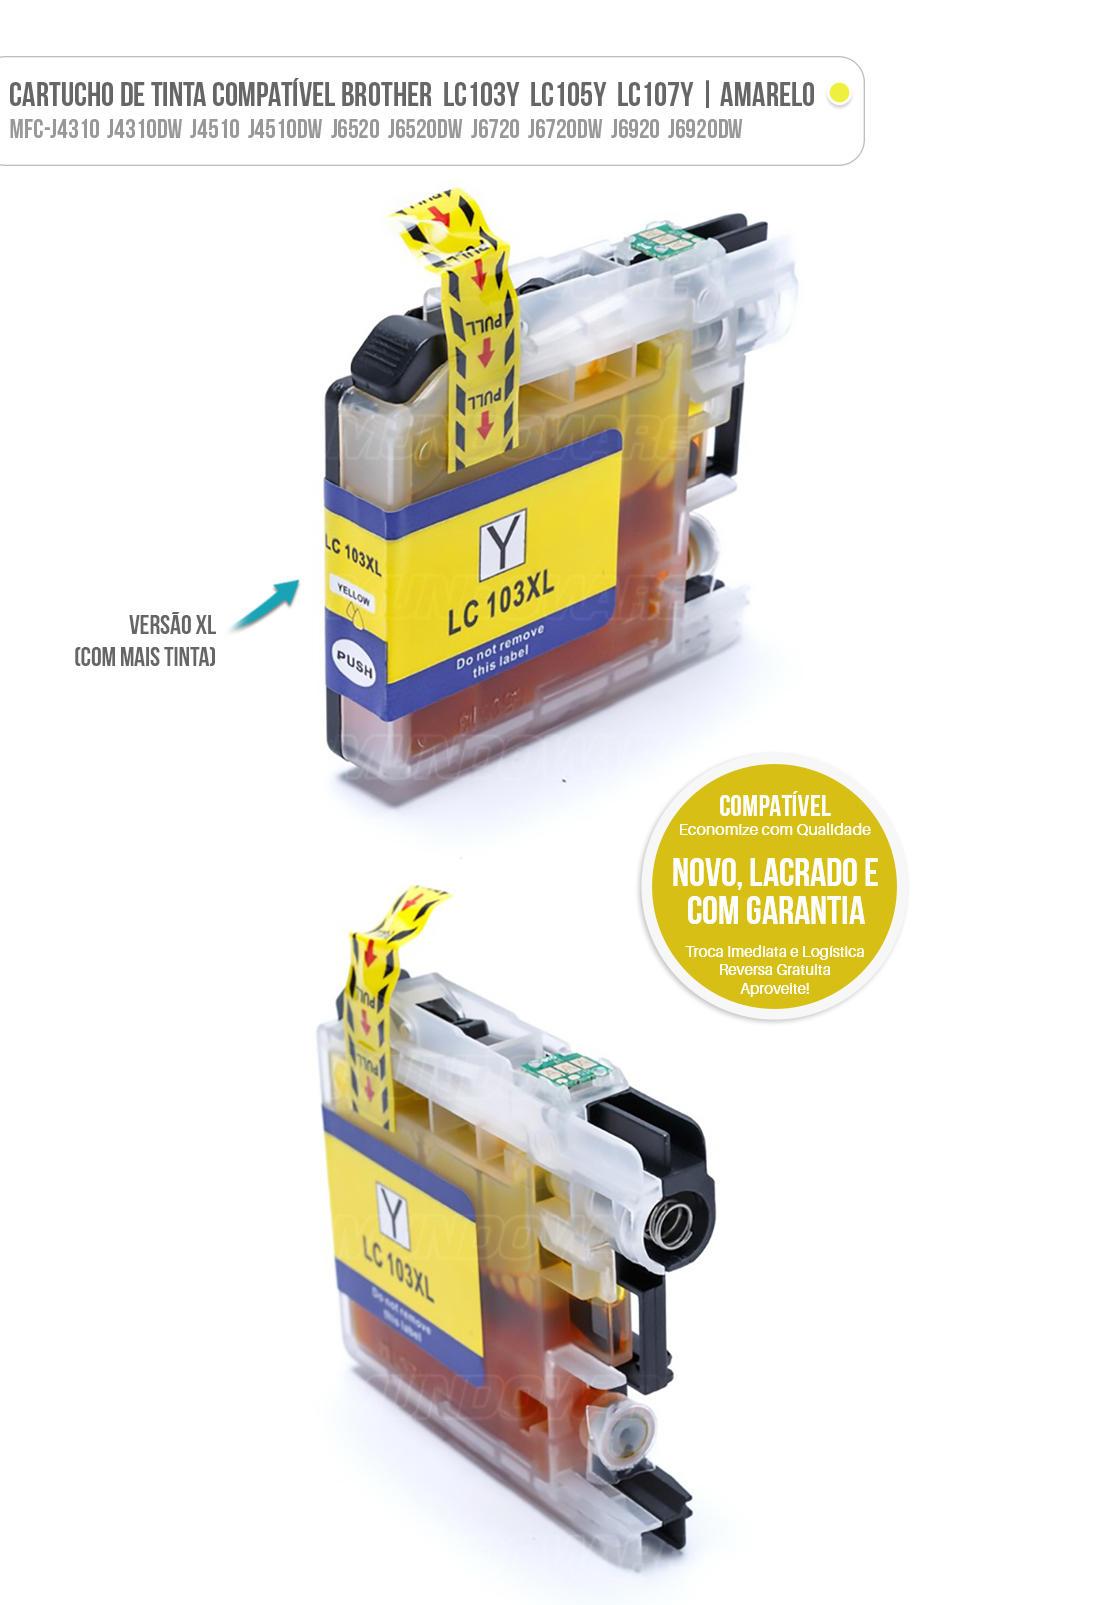 Cartucho de Tinta Compatível LC103 LC105 LC107 XL para Brother MFC-J4310 J4510 J4410 J4610 J6520 J6920 Amarelo